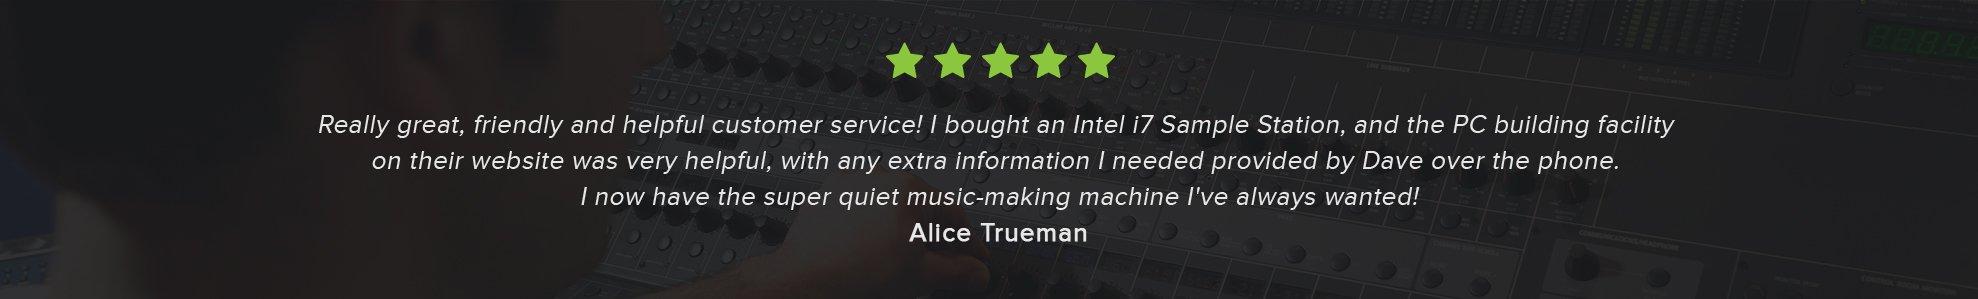 Alice Trueman